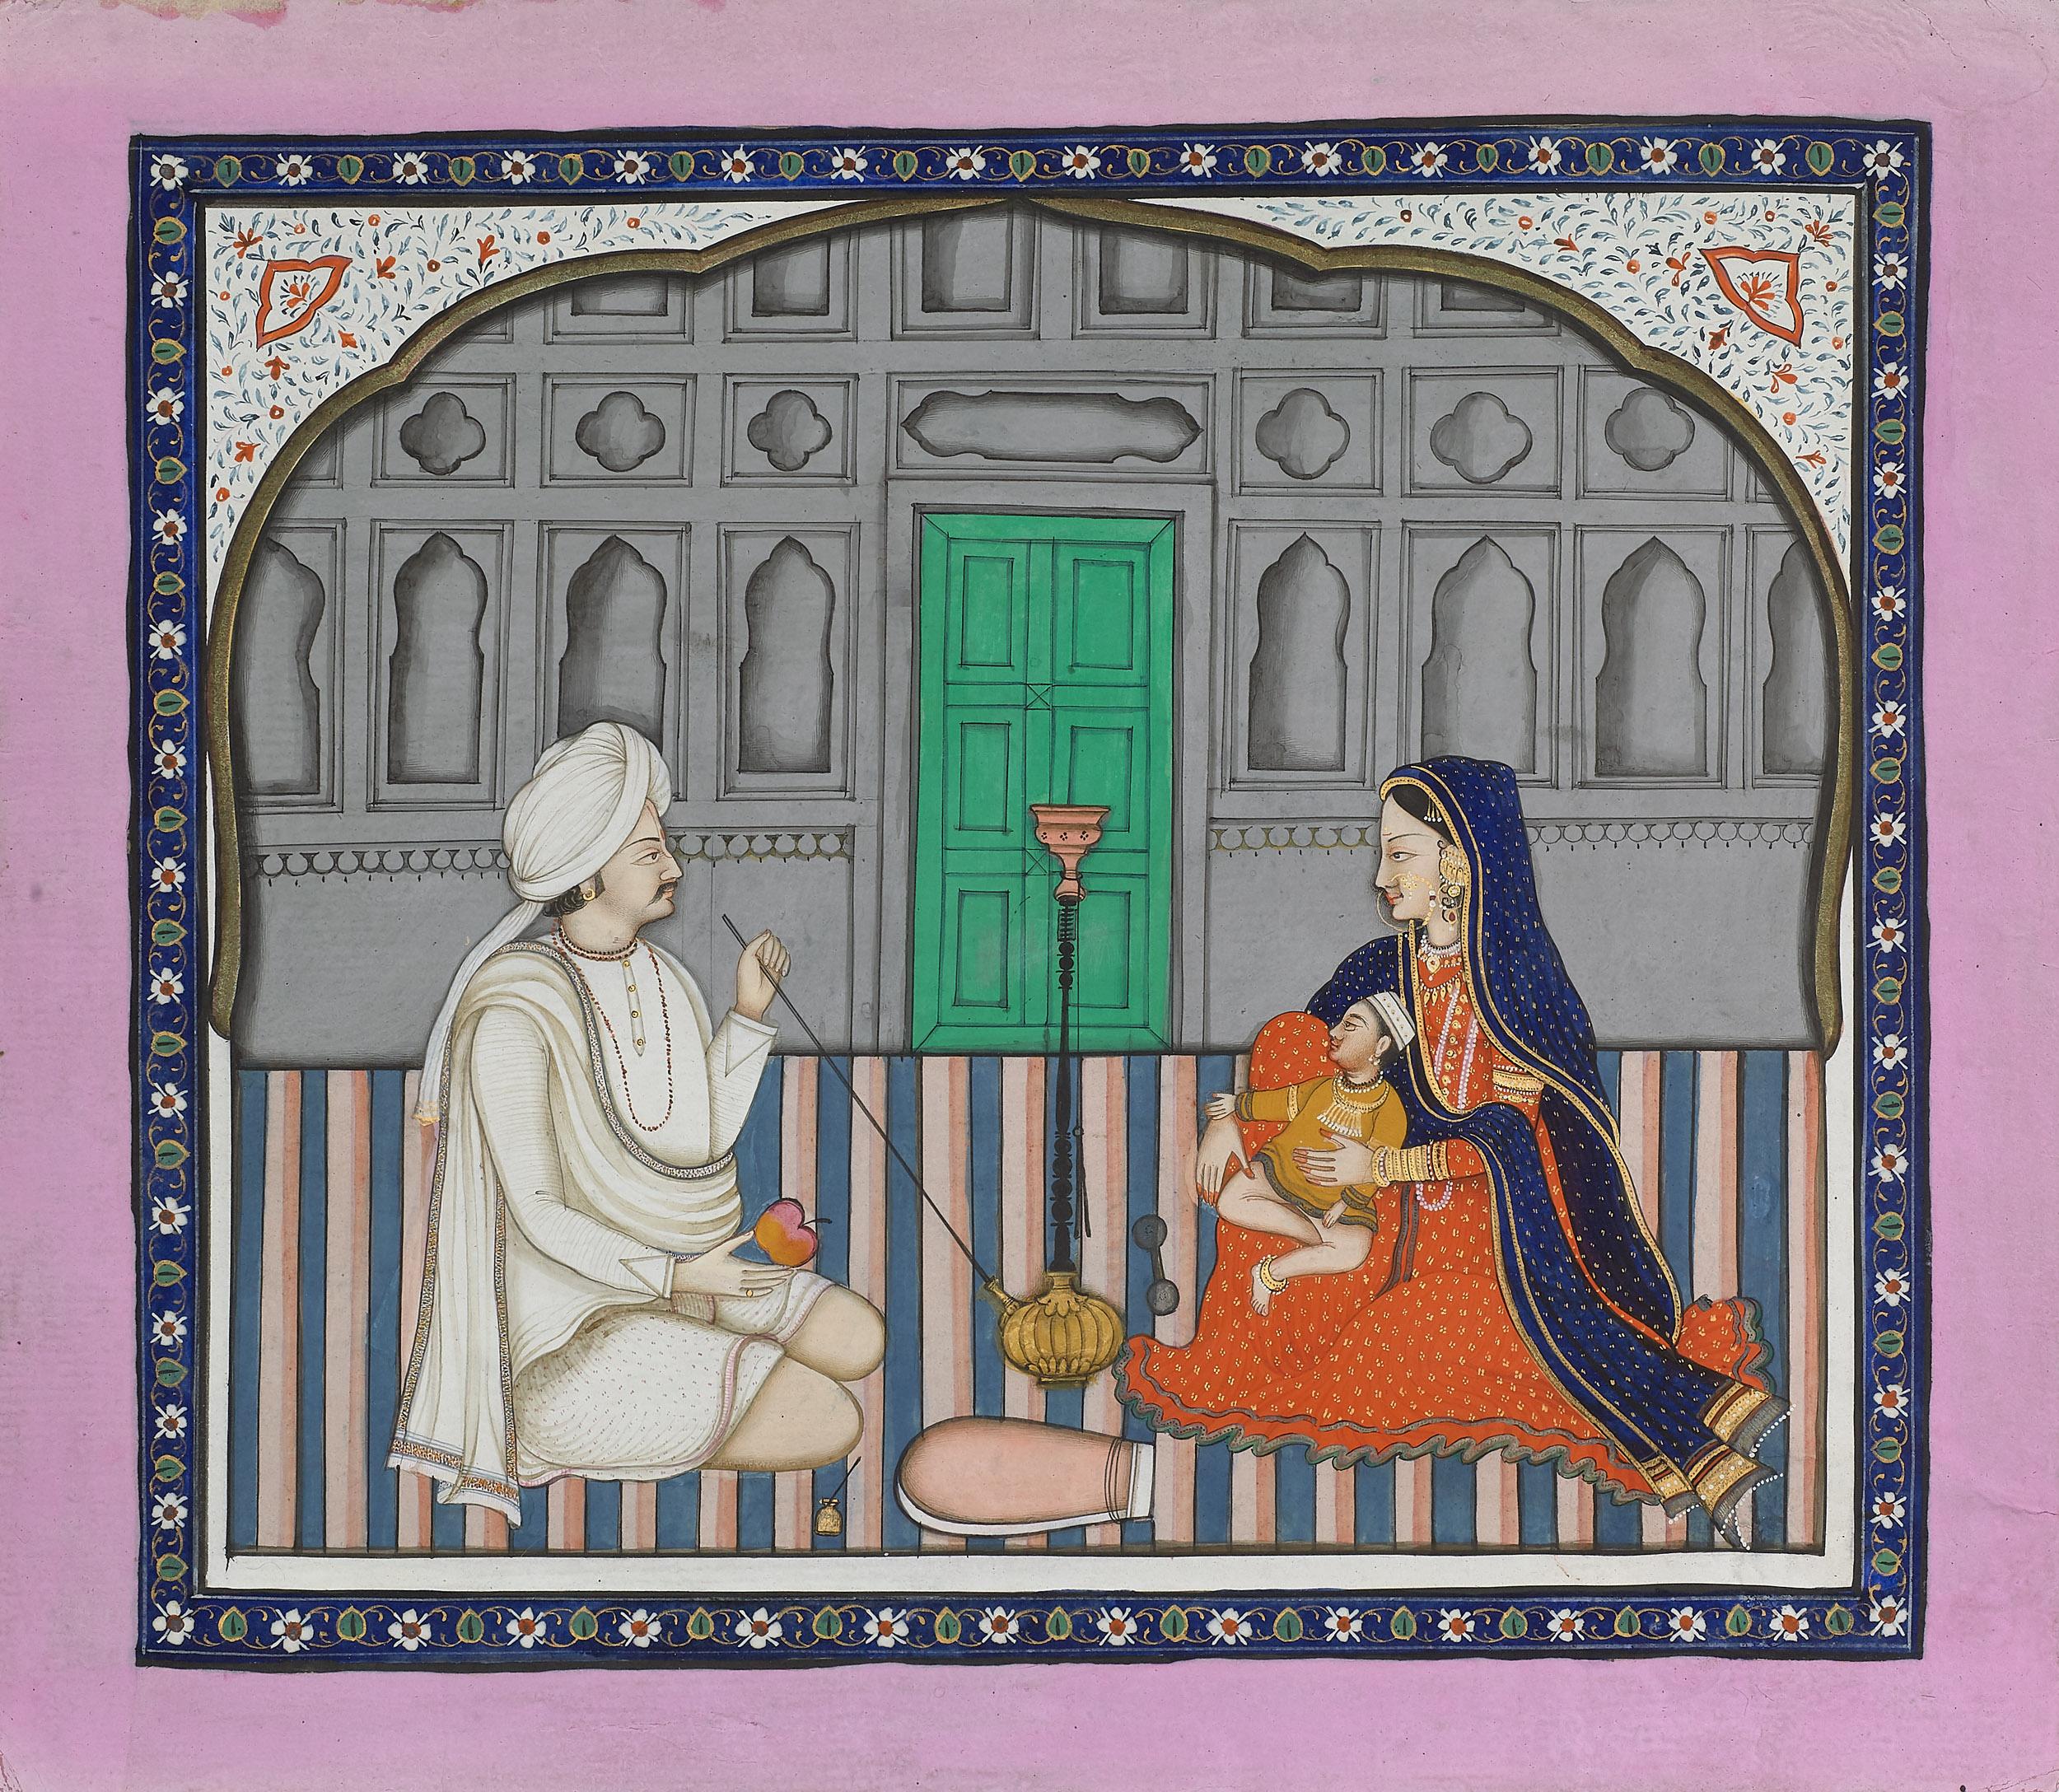 Raja Shamsher Prakash